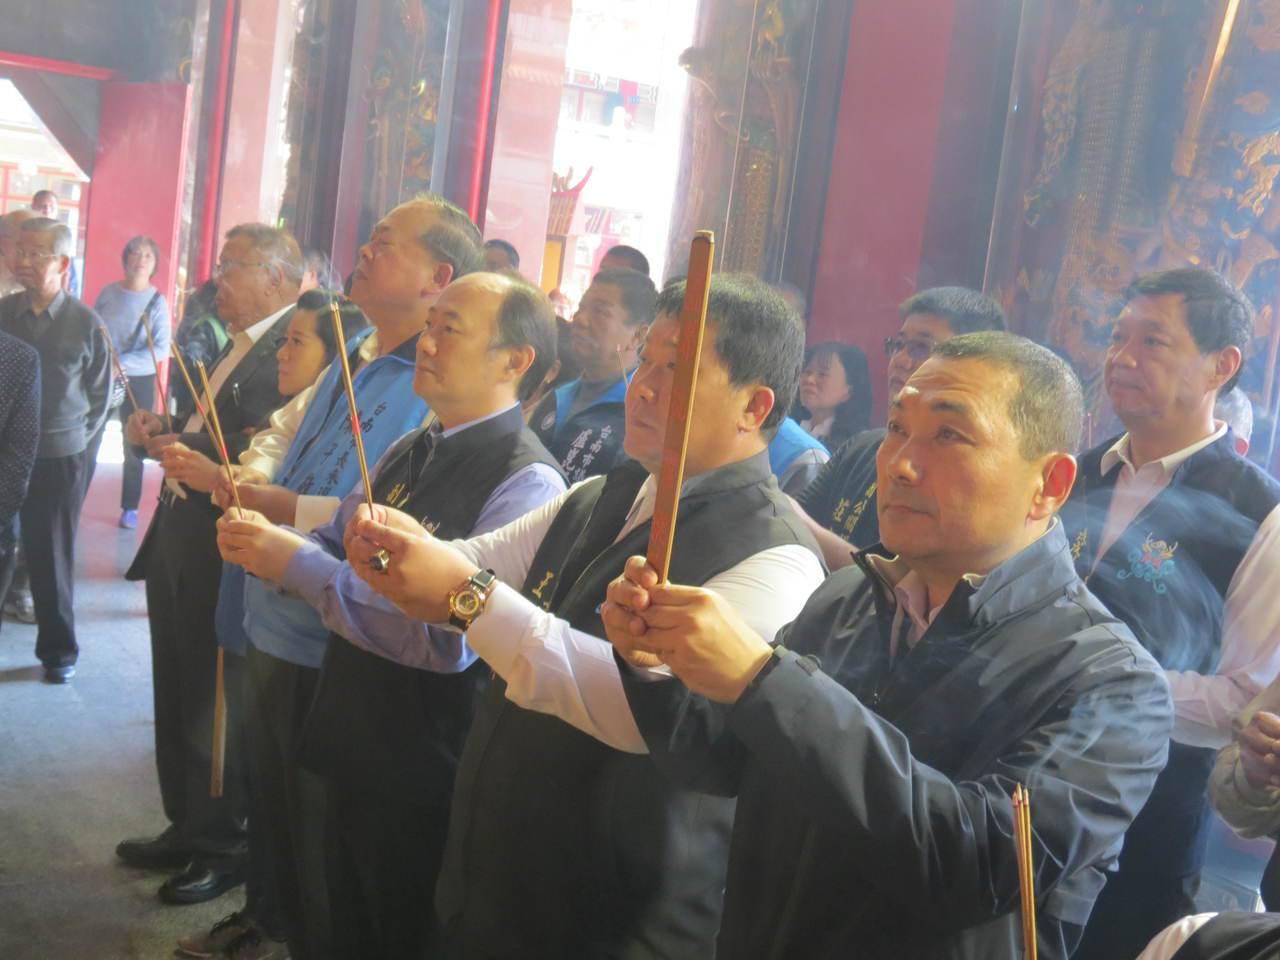 新北市副市長侯友宜到鹿耳門聖母廟參拜,大批鄉親歡迎。記者周宗禎/攝影